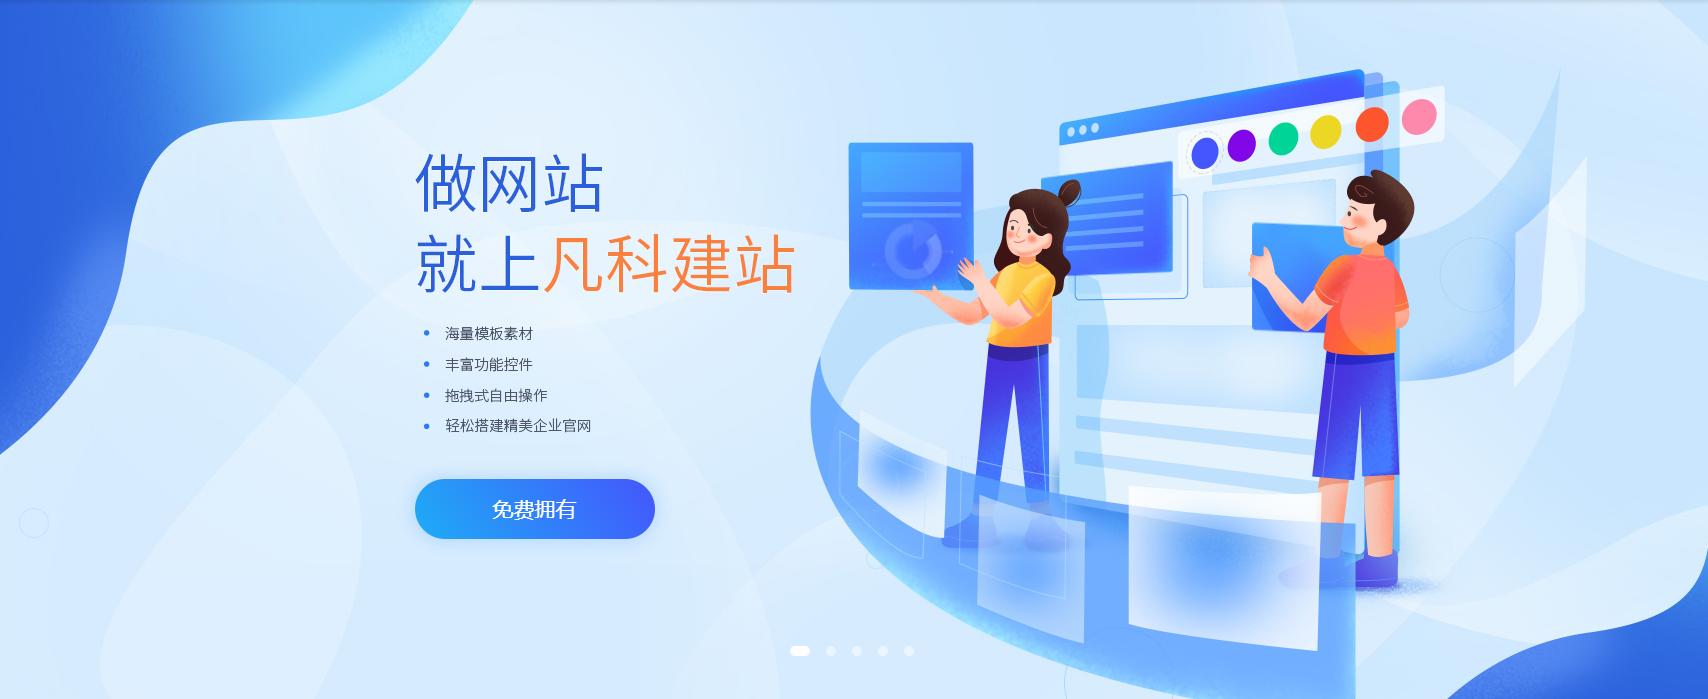 企业建设一个网站